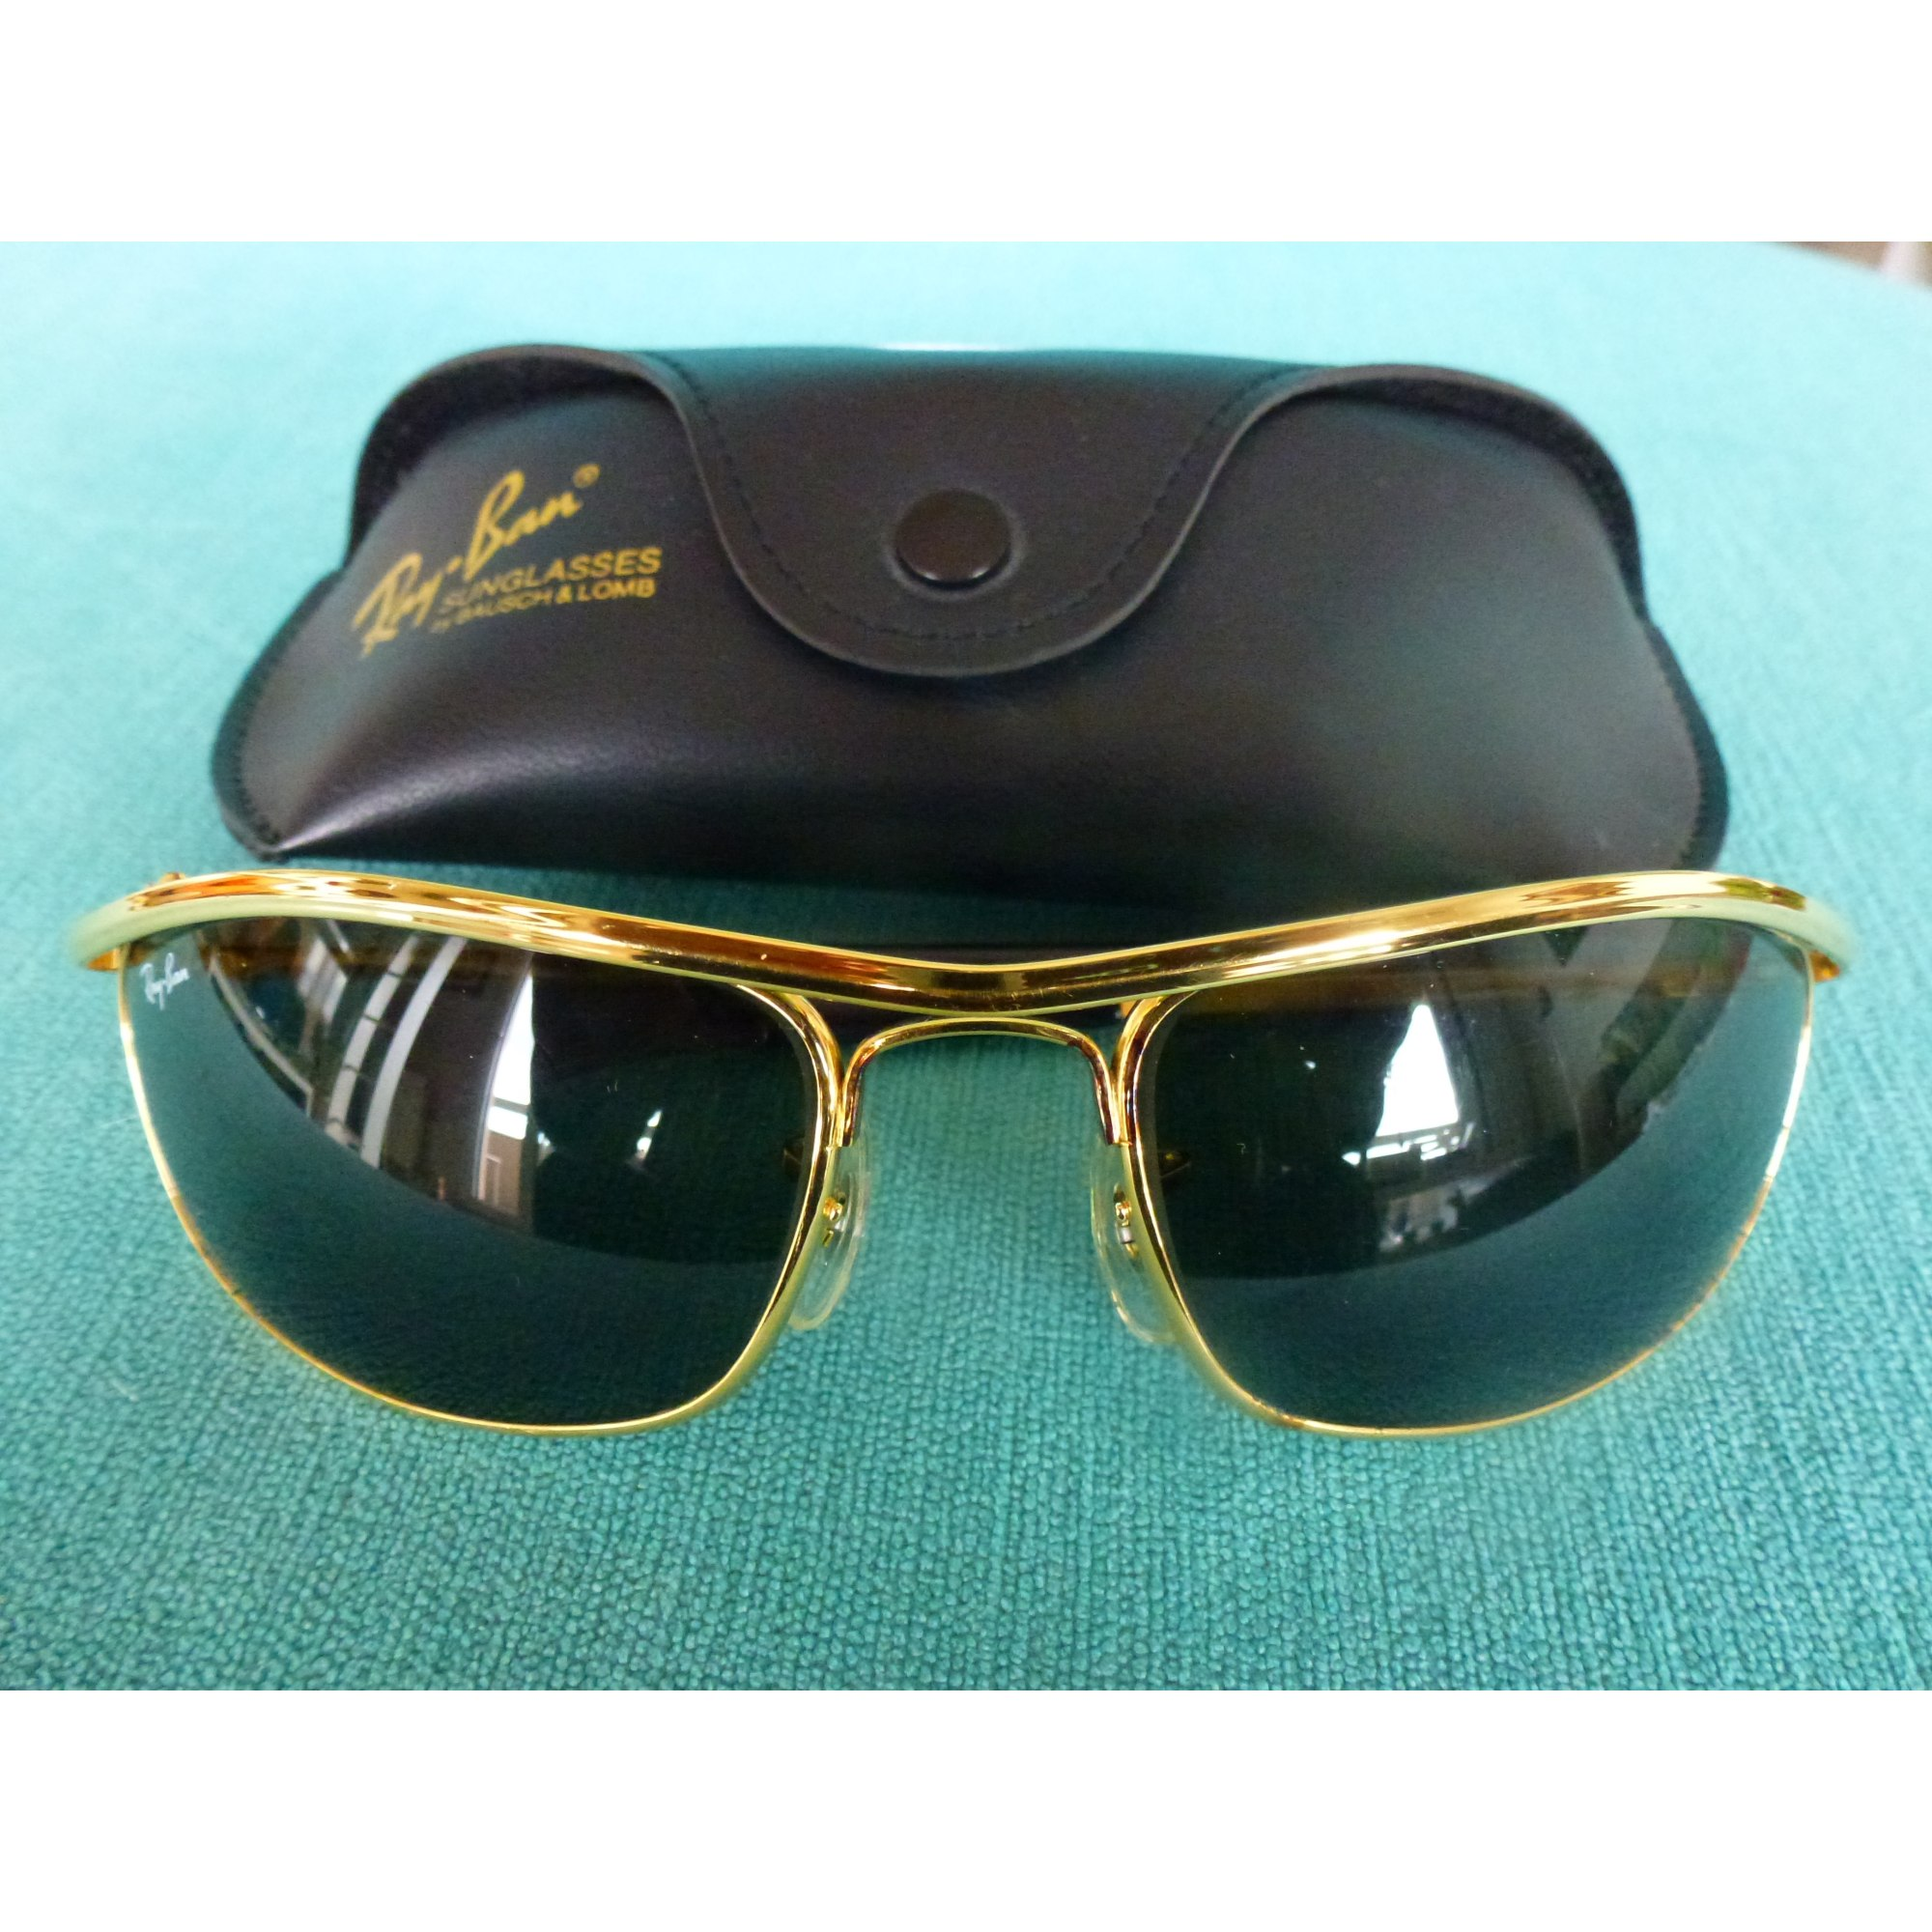 ce61fe142a7e95 Lunettes de soleil RAY-BAN doré vendu par Shopping girl 7 - 6215593